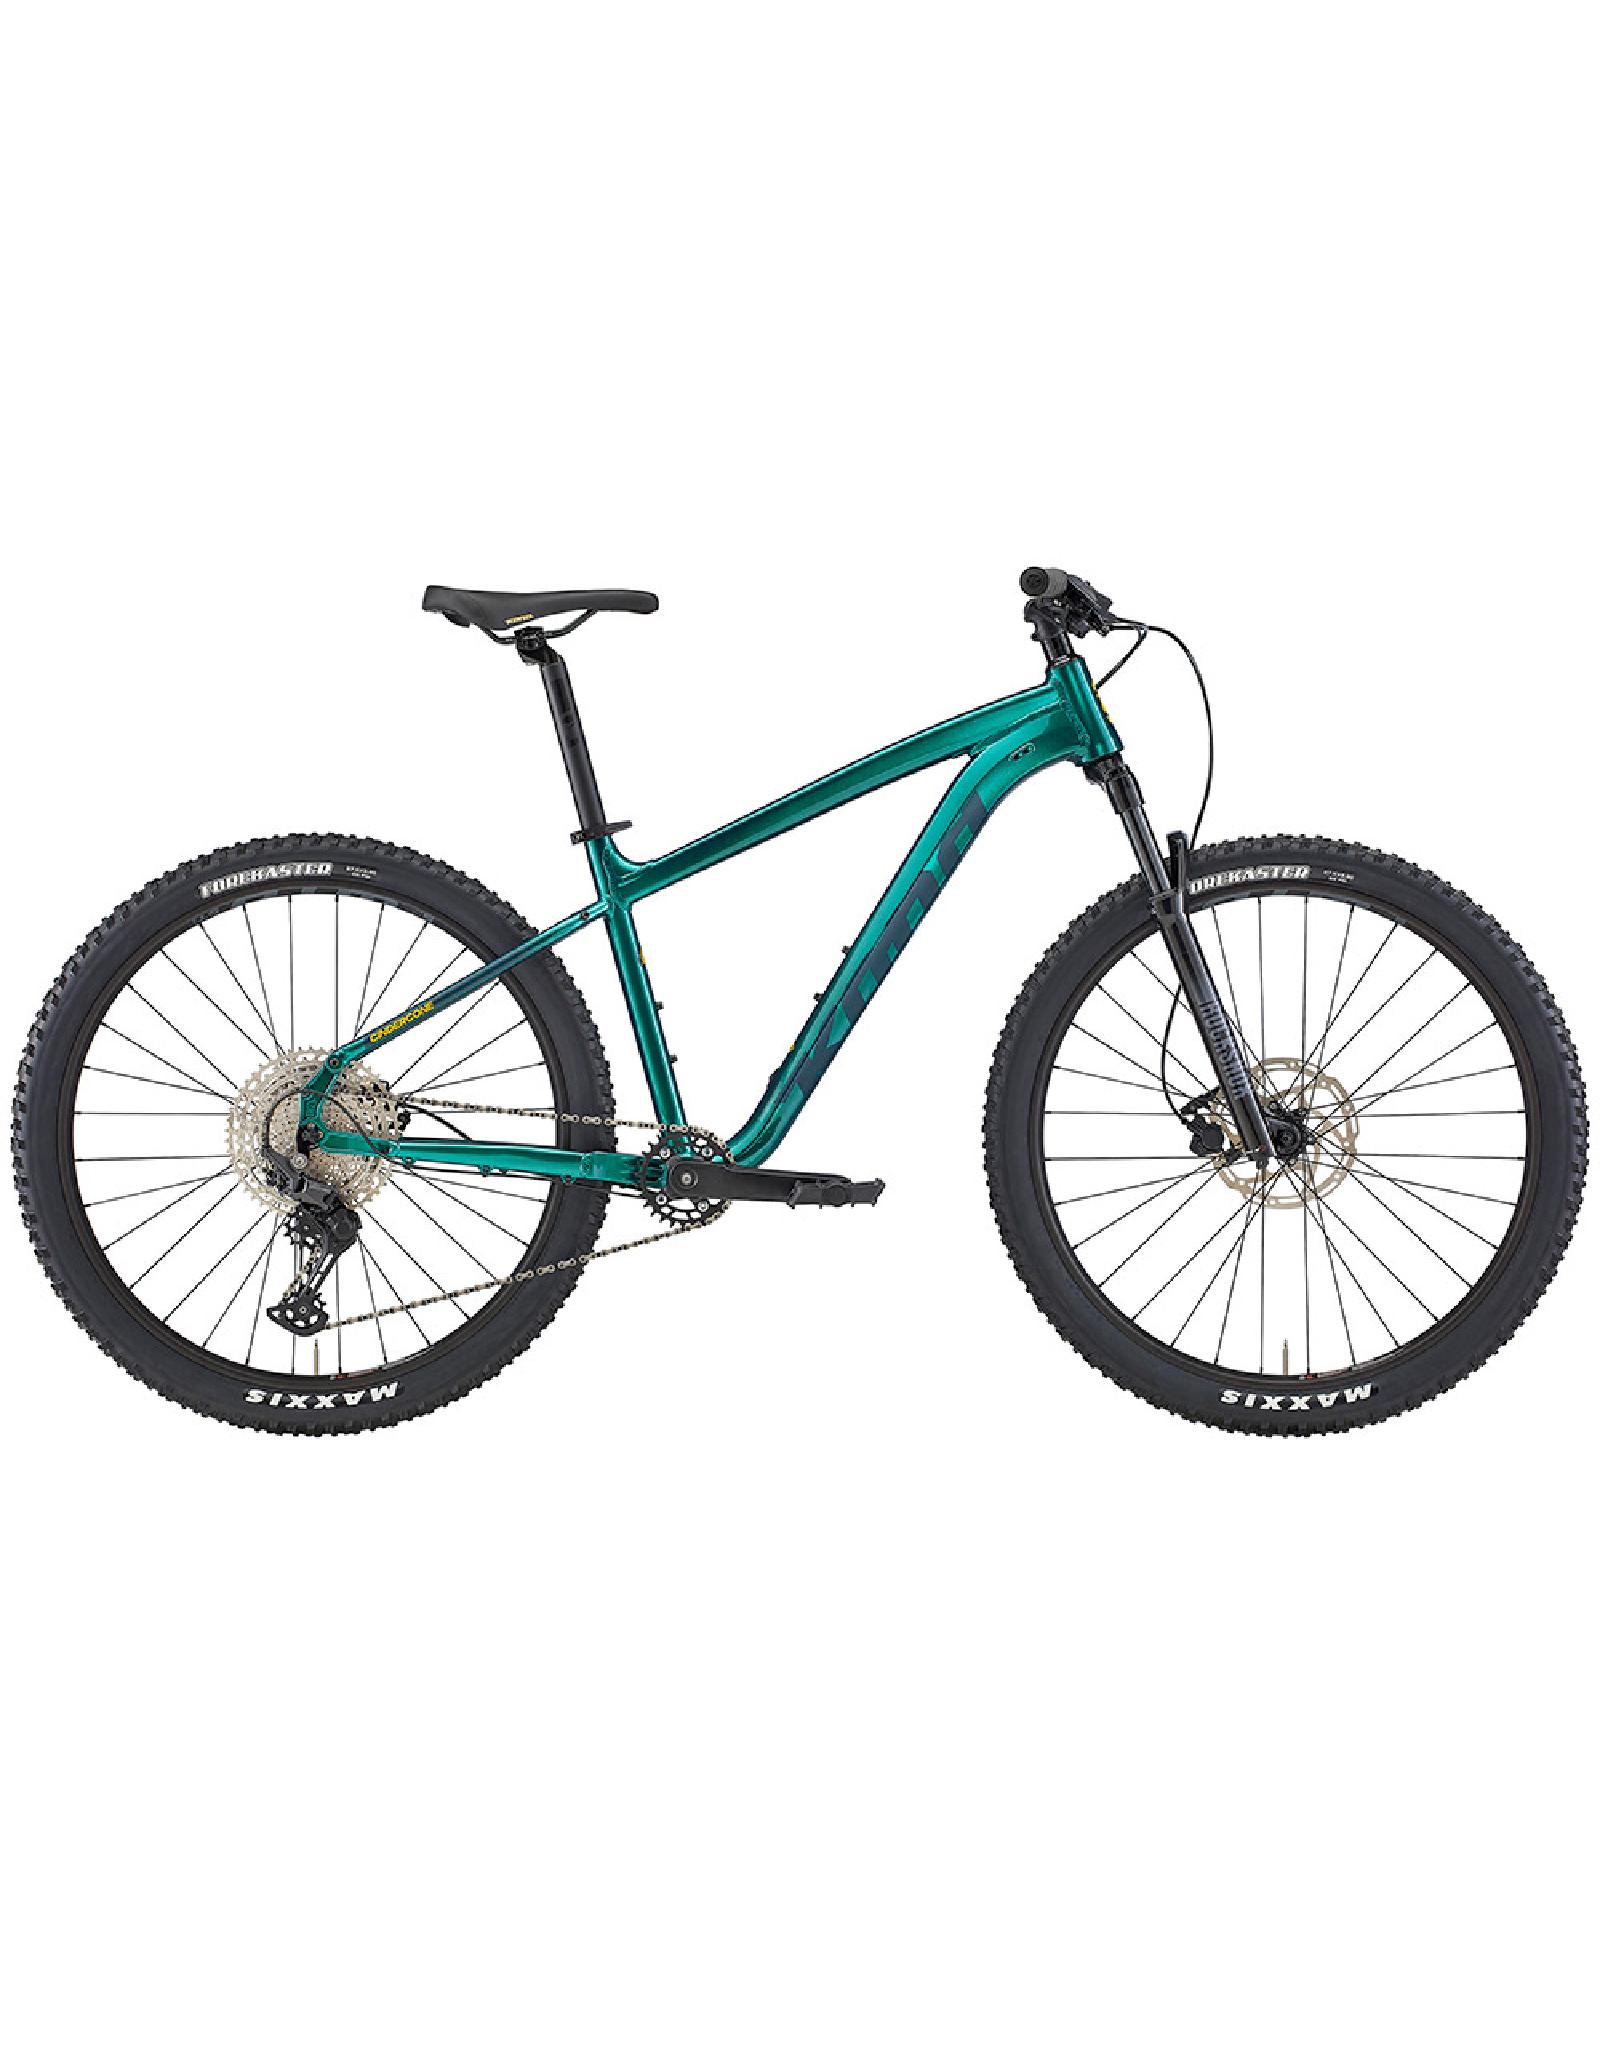 KONA Kona Cinder Cone Complete Bike